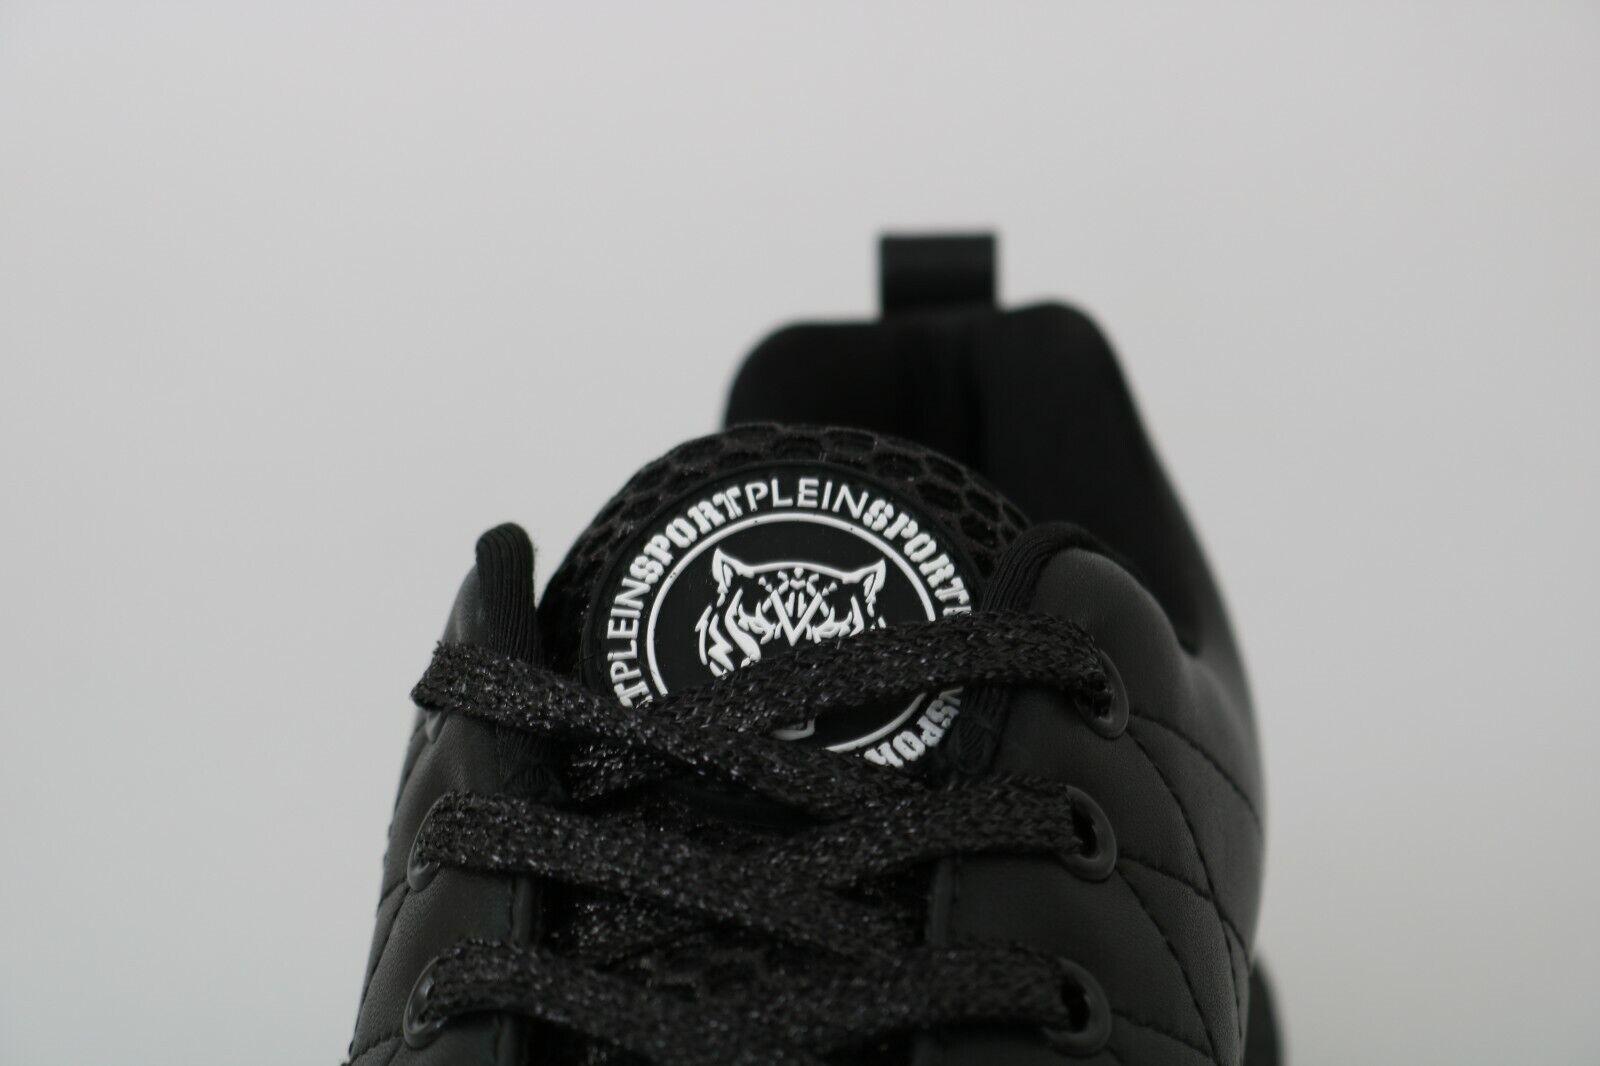 Philipp Plein Sport Chaussures Baskets Noir Décontracté Course EU38/US7.5